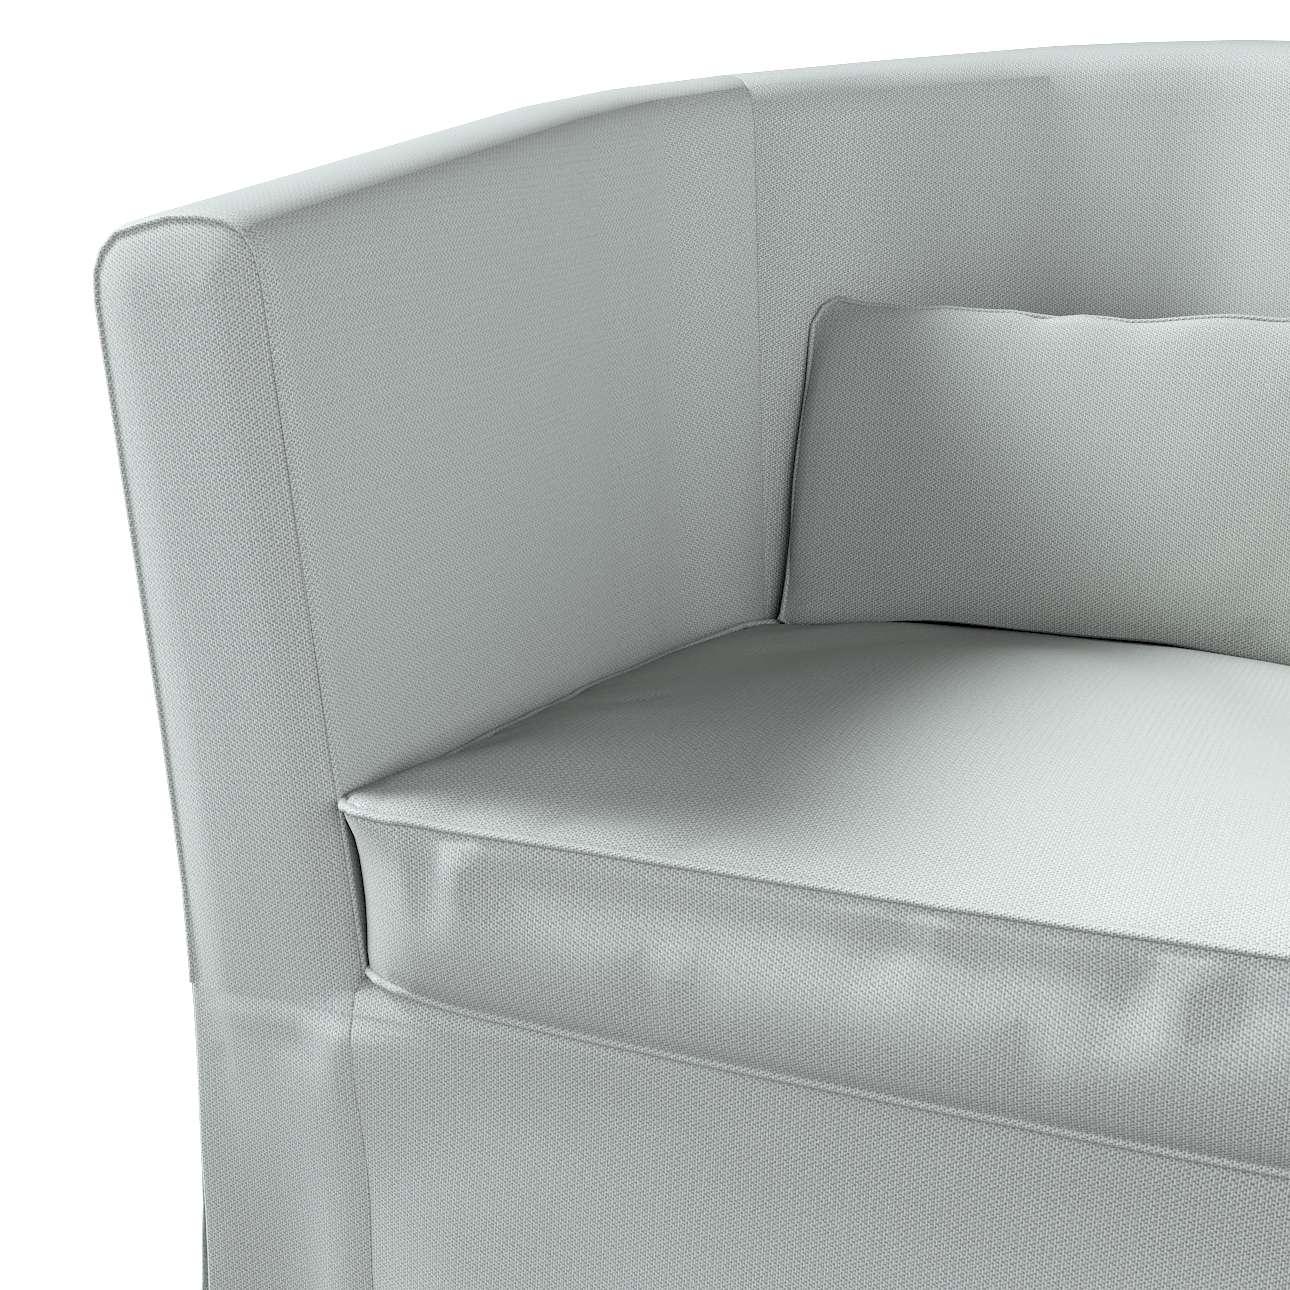 Pokrowiec na fotel Ektorp Tullsta w kolekcji Bergen, tkanina: 161-72